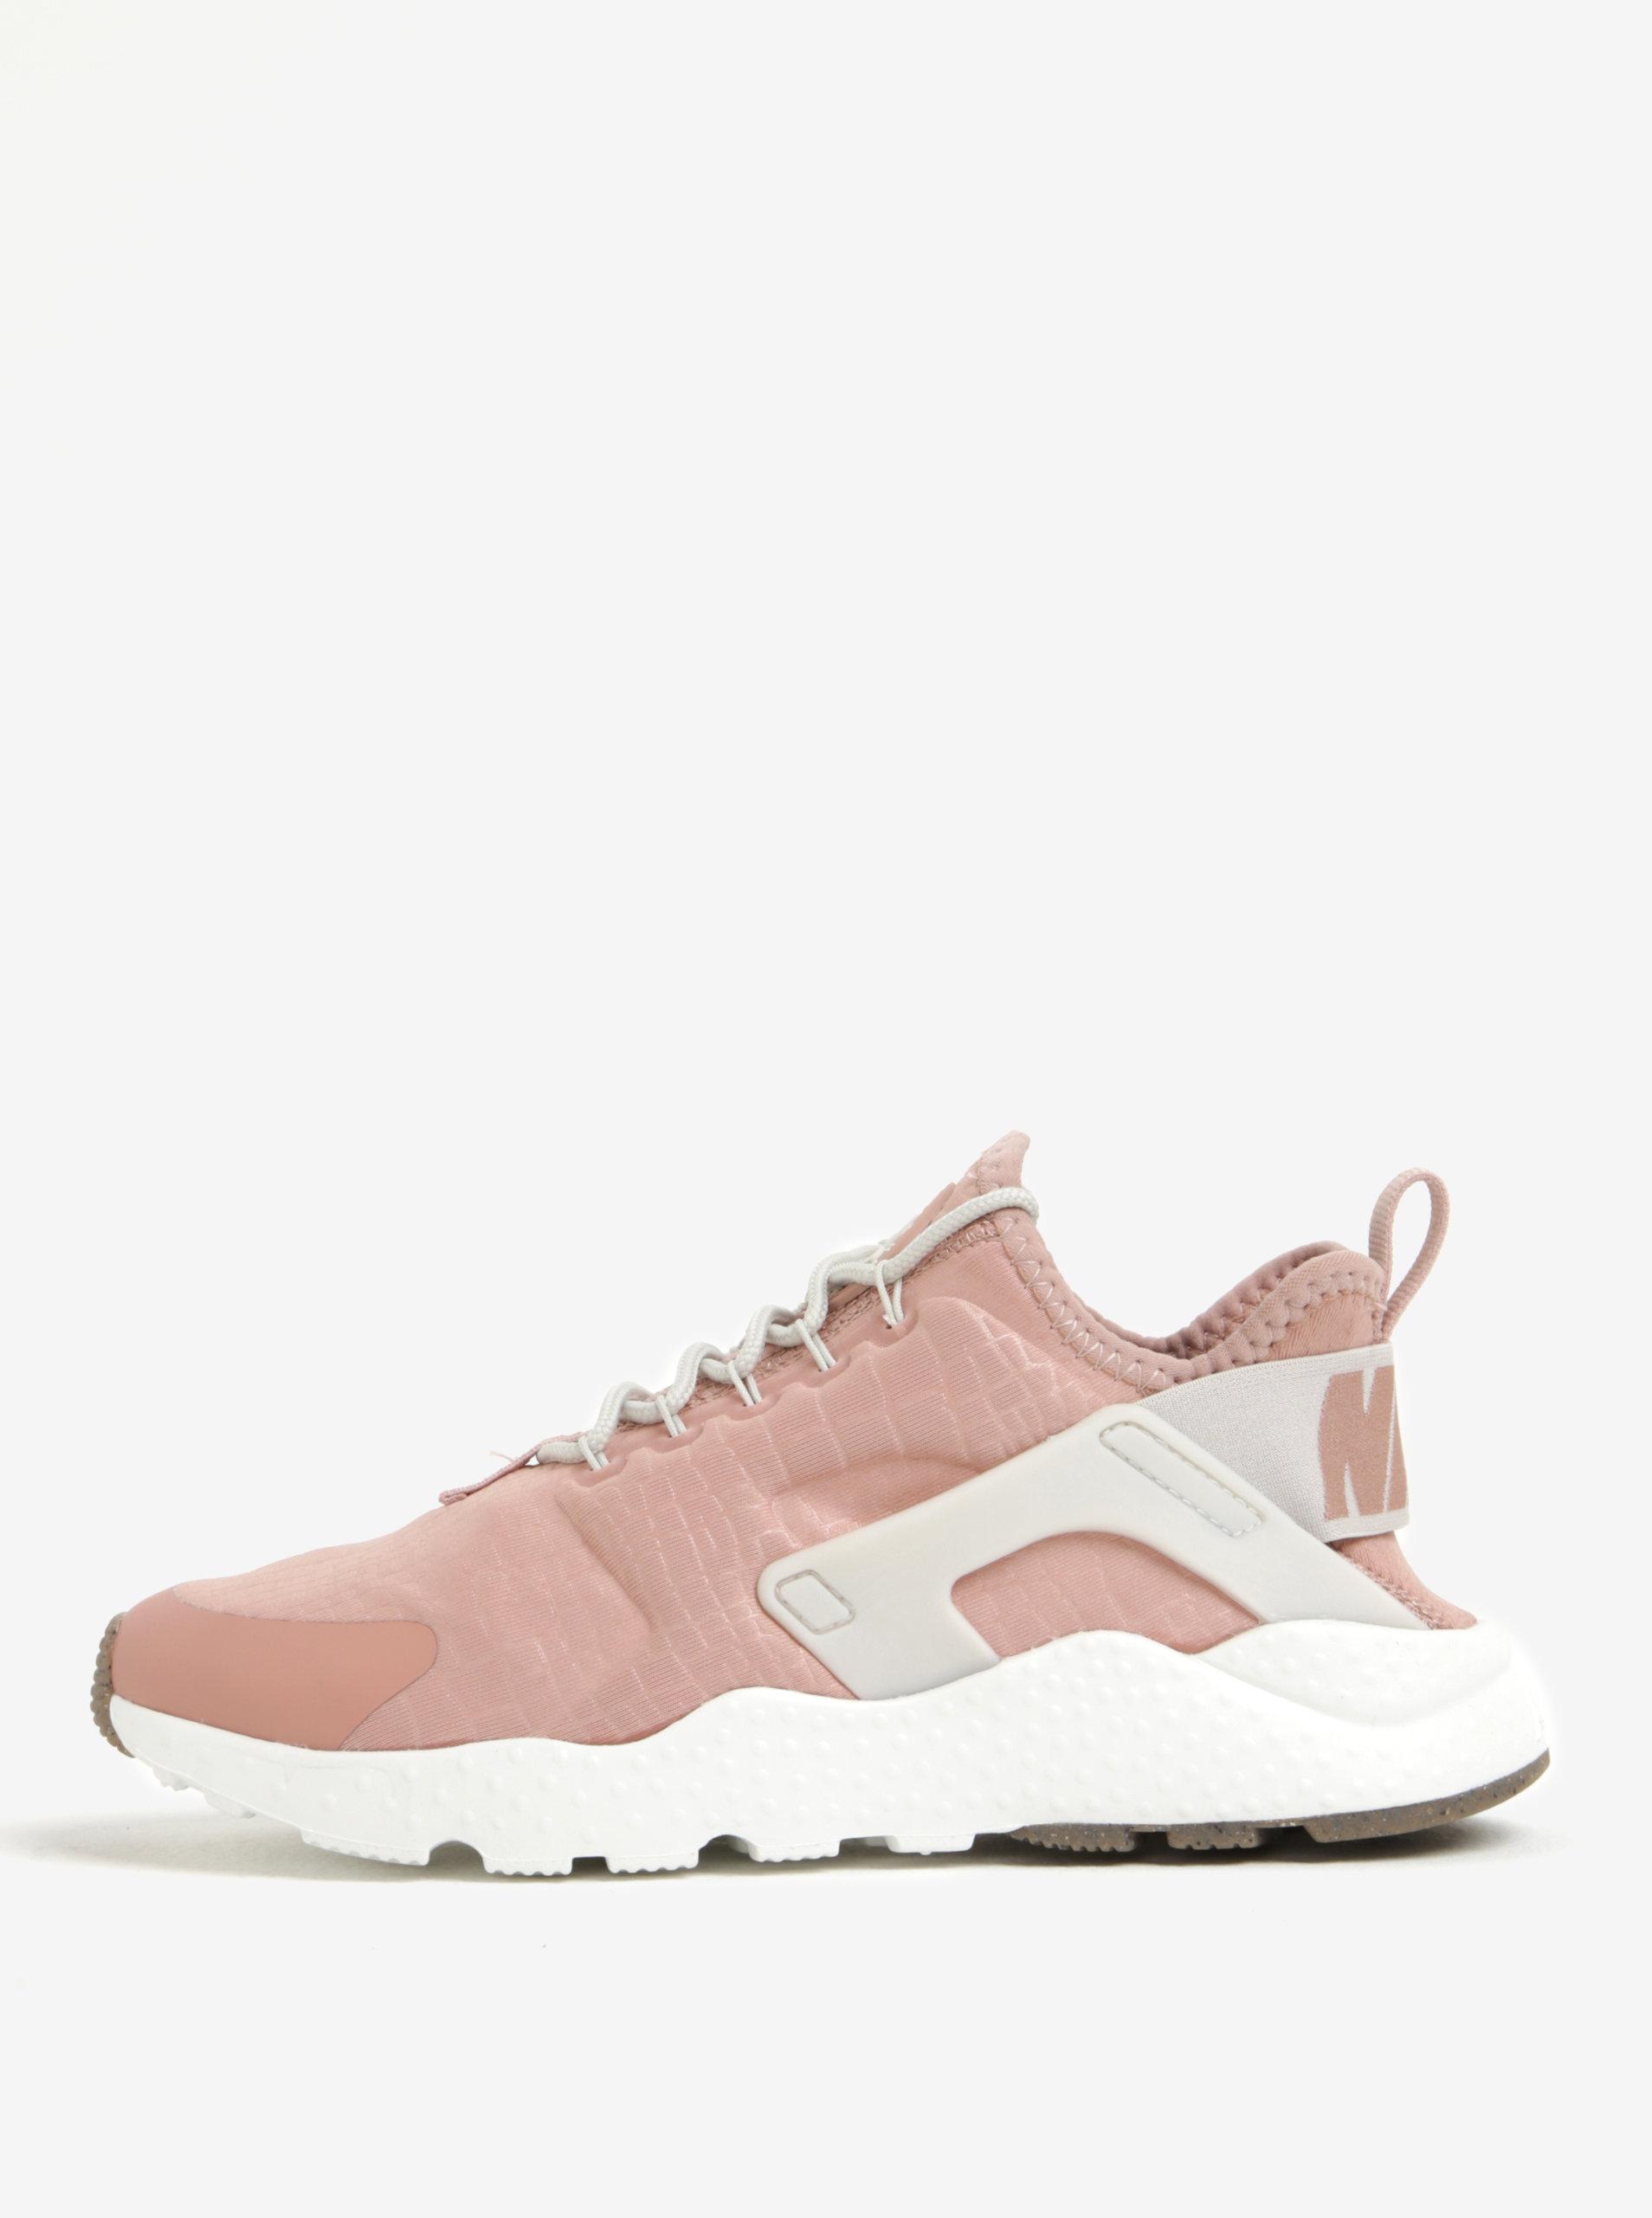 bec51a133ca Světle růžové dámské tenisky Nike Air Huarache run ...